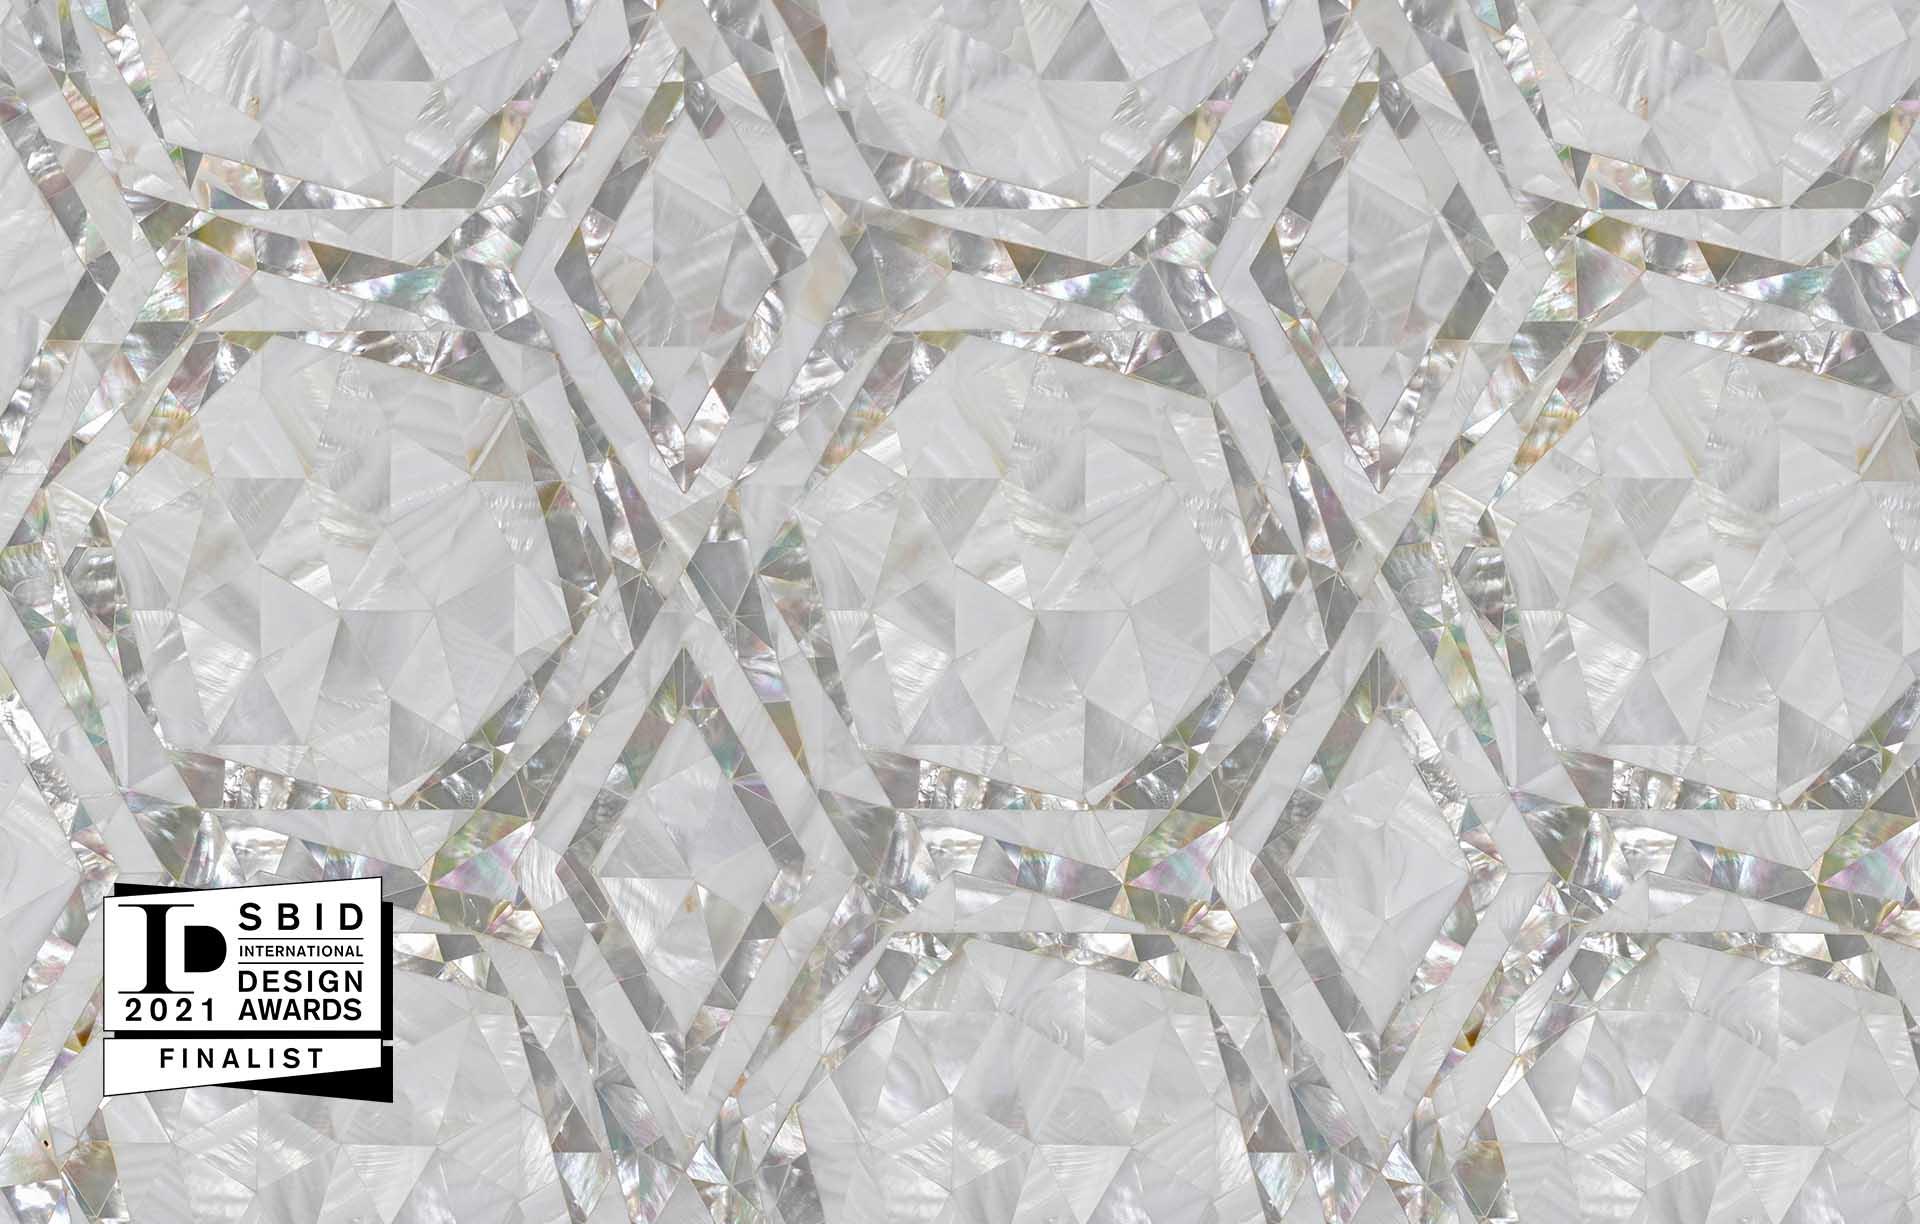 SBID Awards Finalists crystal